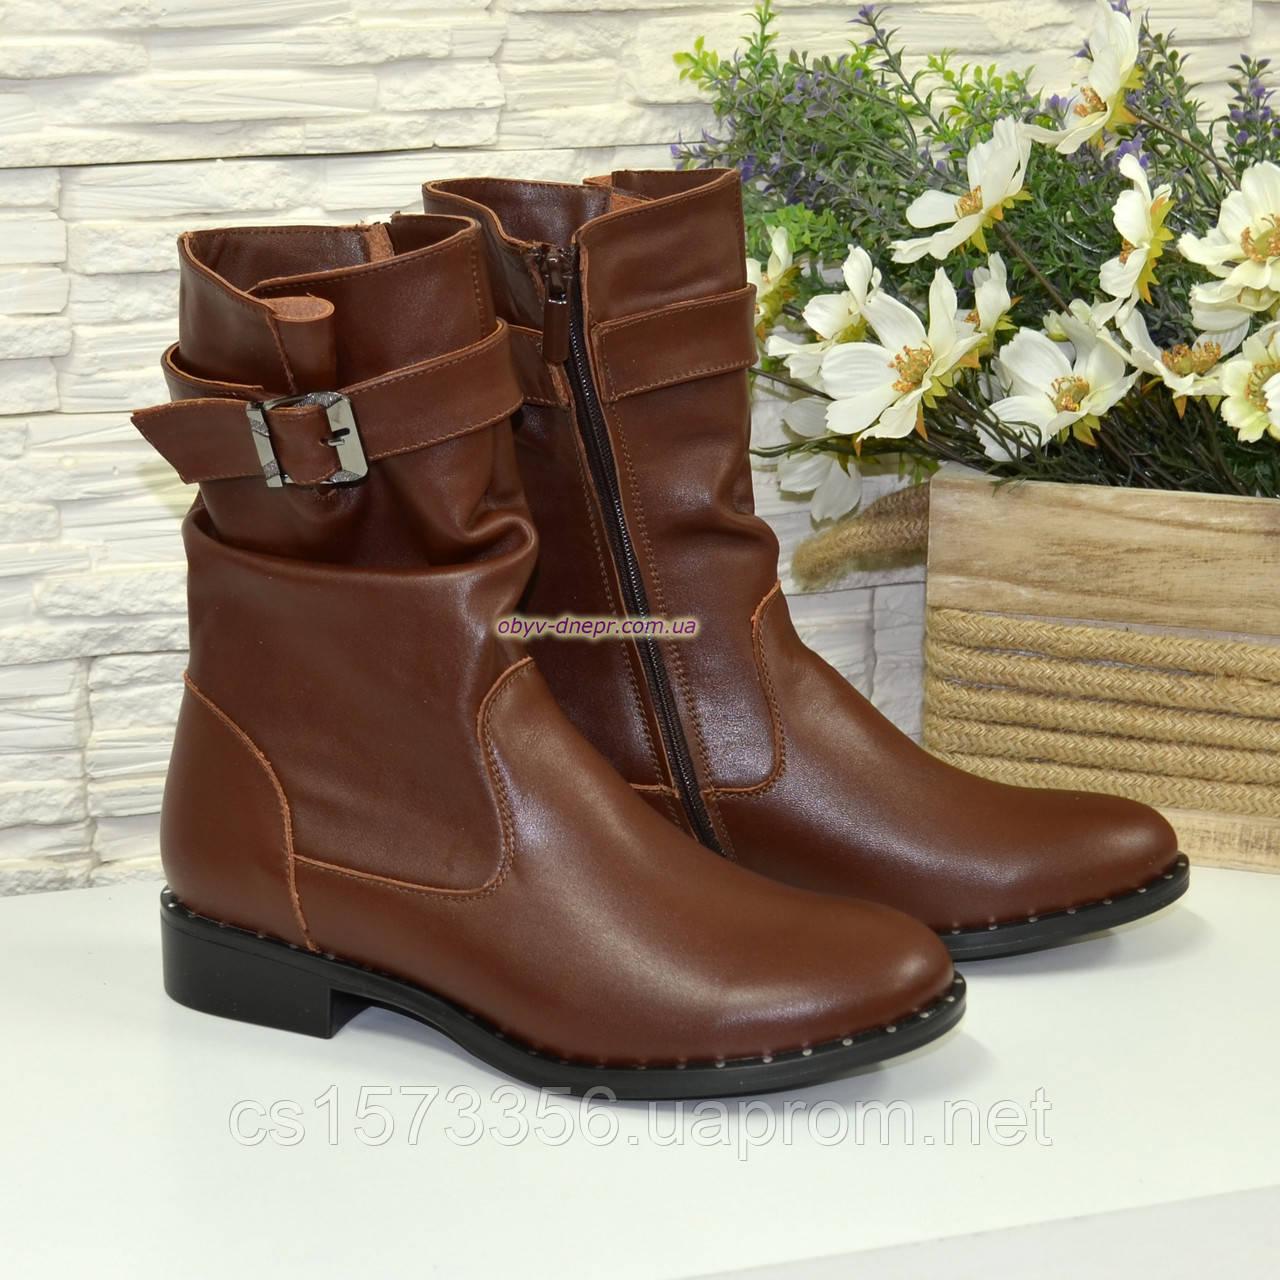 Ботинки женские кожаные демисезонные коричневые на маленьком каблуке